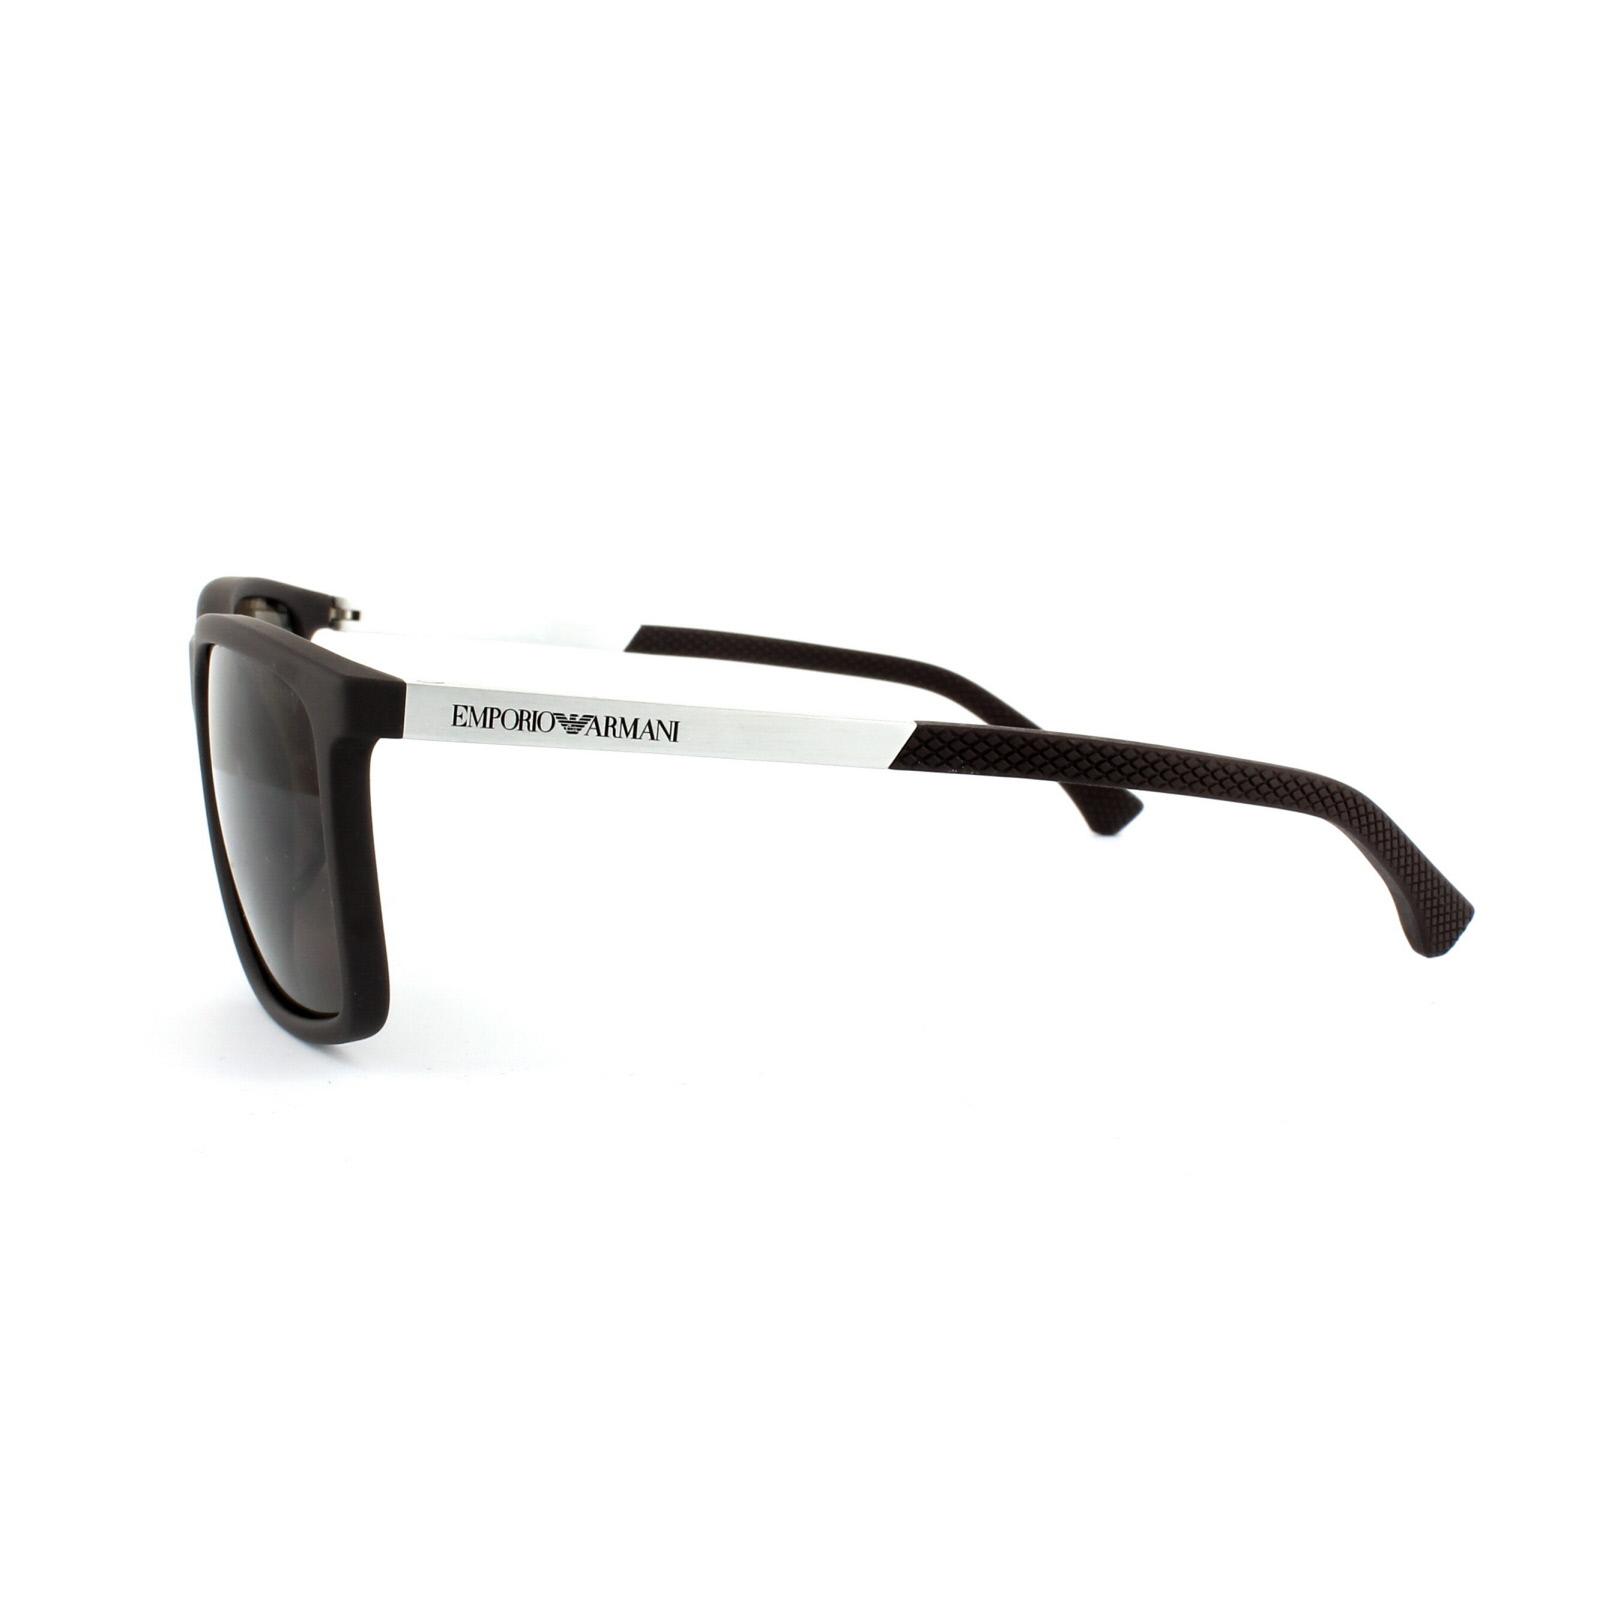 335f6c32ca6 Cheap Emporio Armani 4058 Sunglasses - Discounted Sunglasses